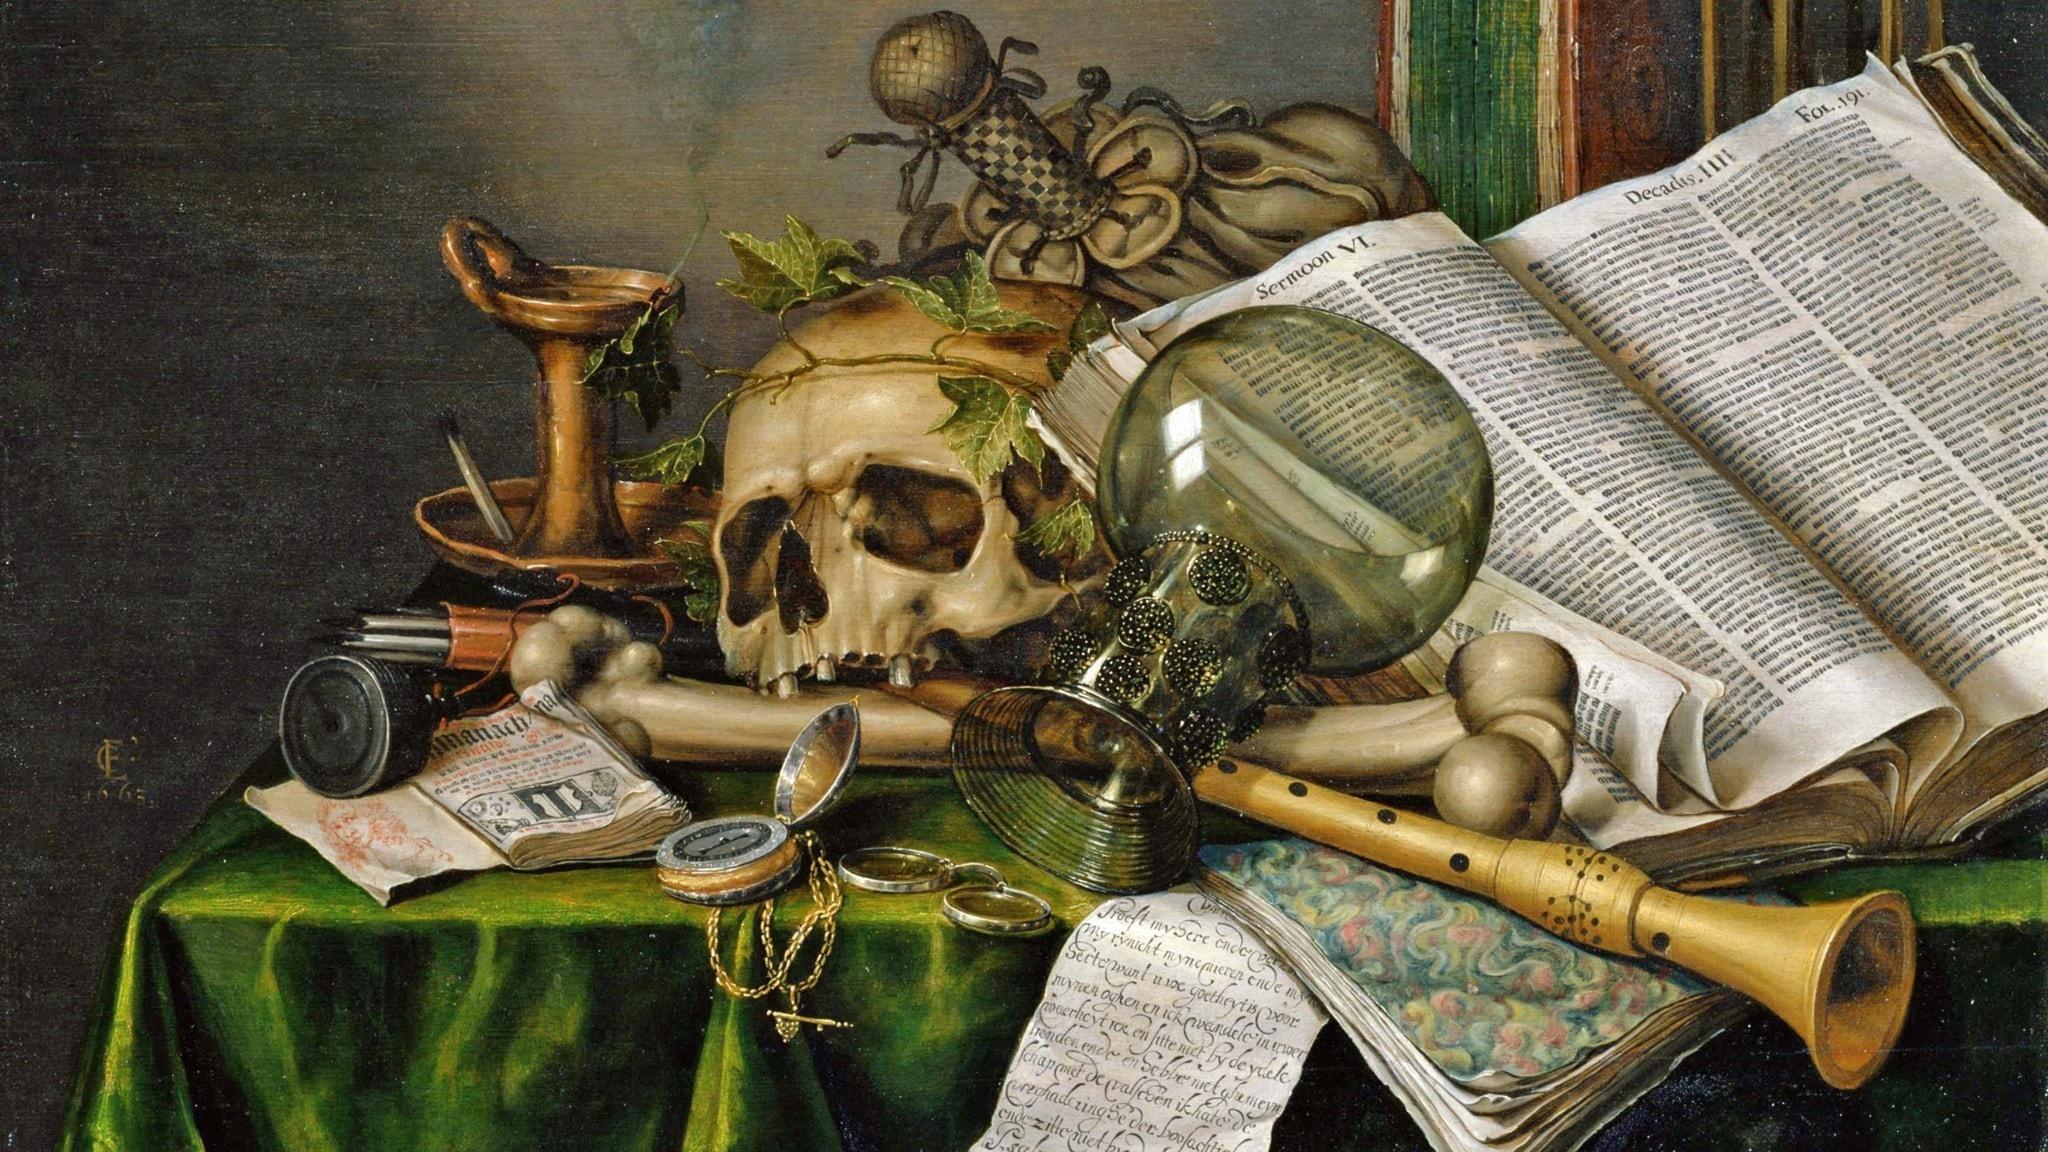 Är framtiden ur led? Vanitasstilleben från 1663 av Evert Collier.